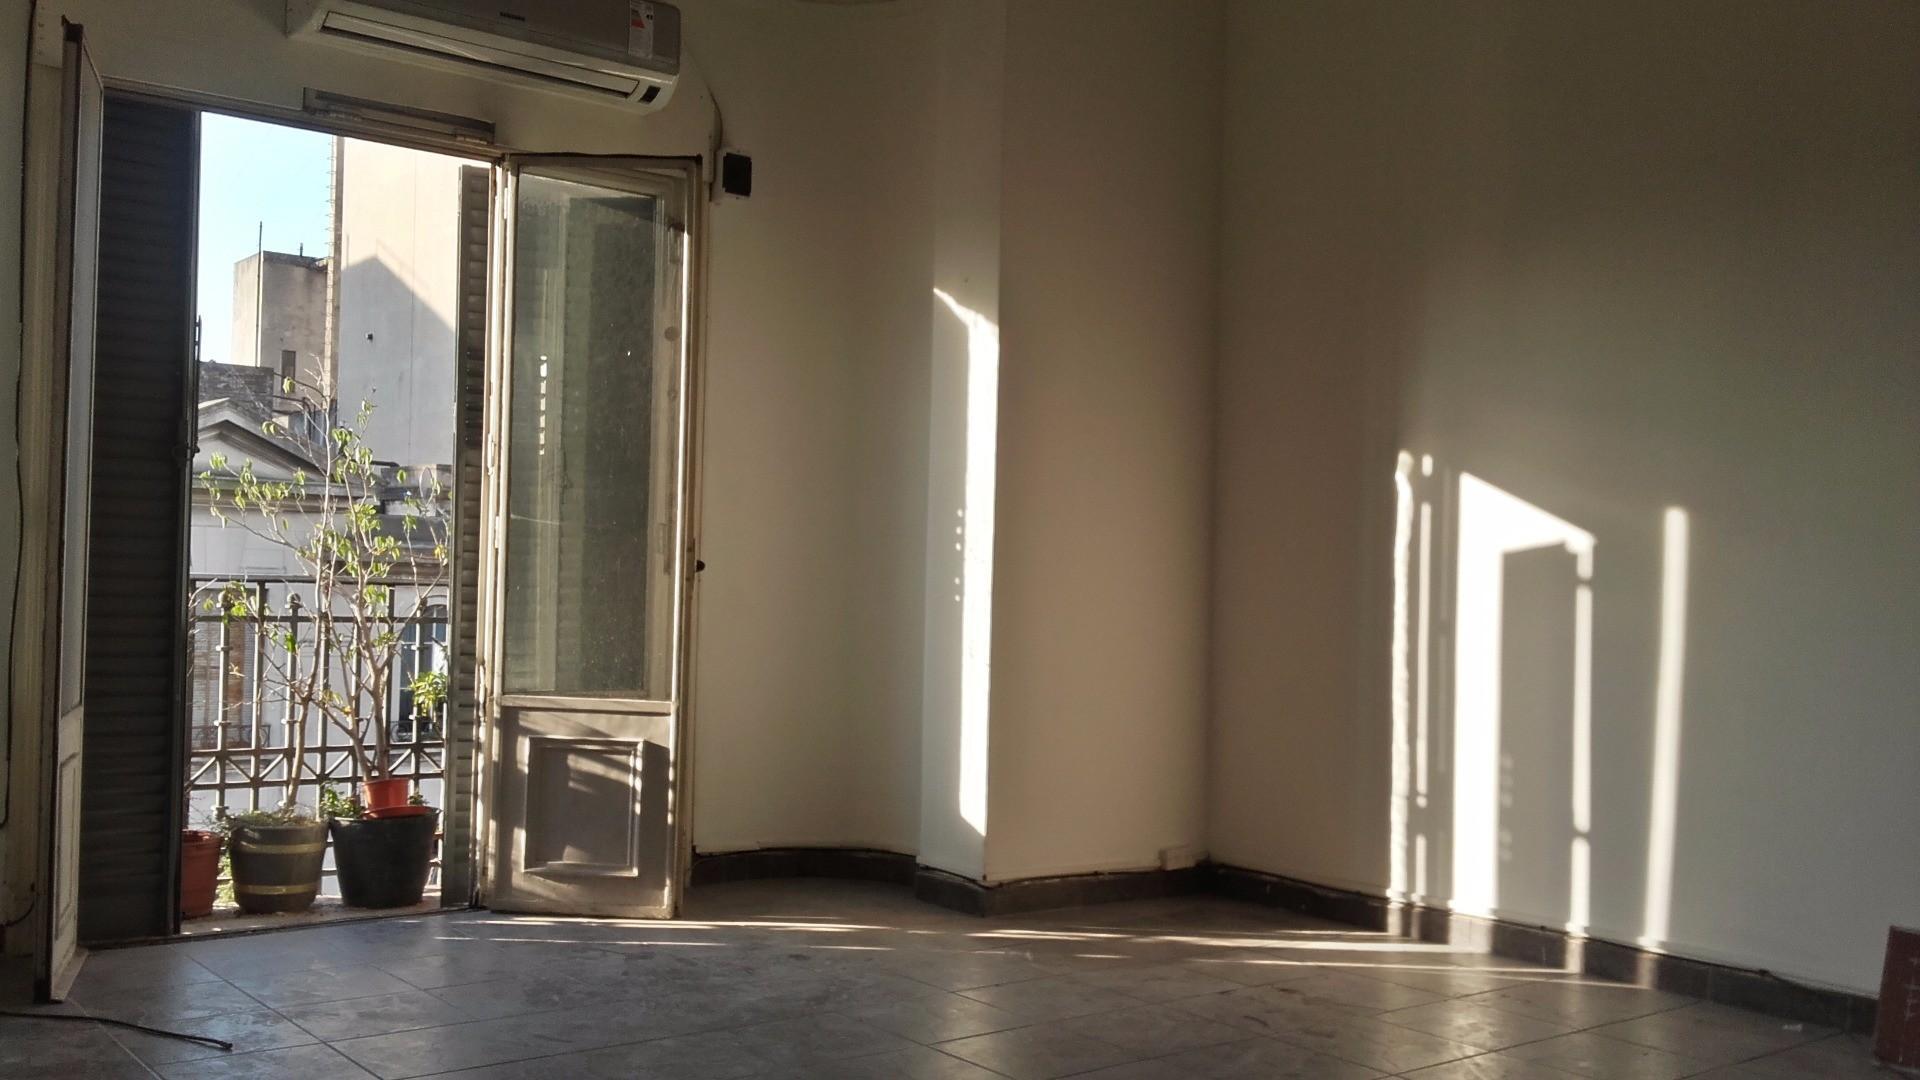 Apto Profesional, Apto Crédito, Departamento 38,82m2 con Balcón al Frente VENTA